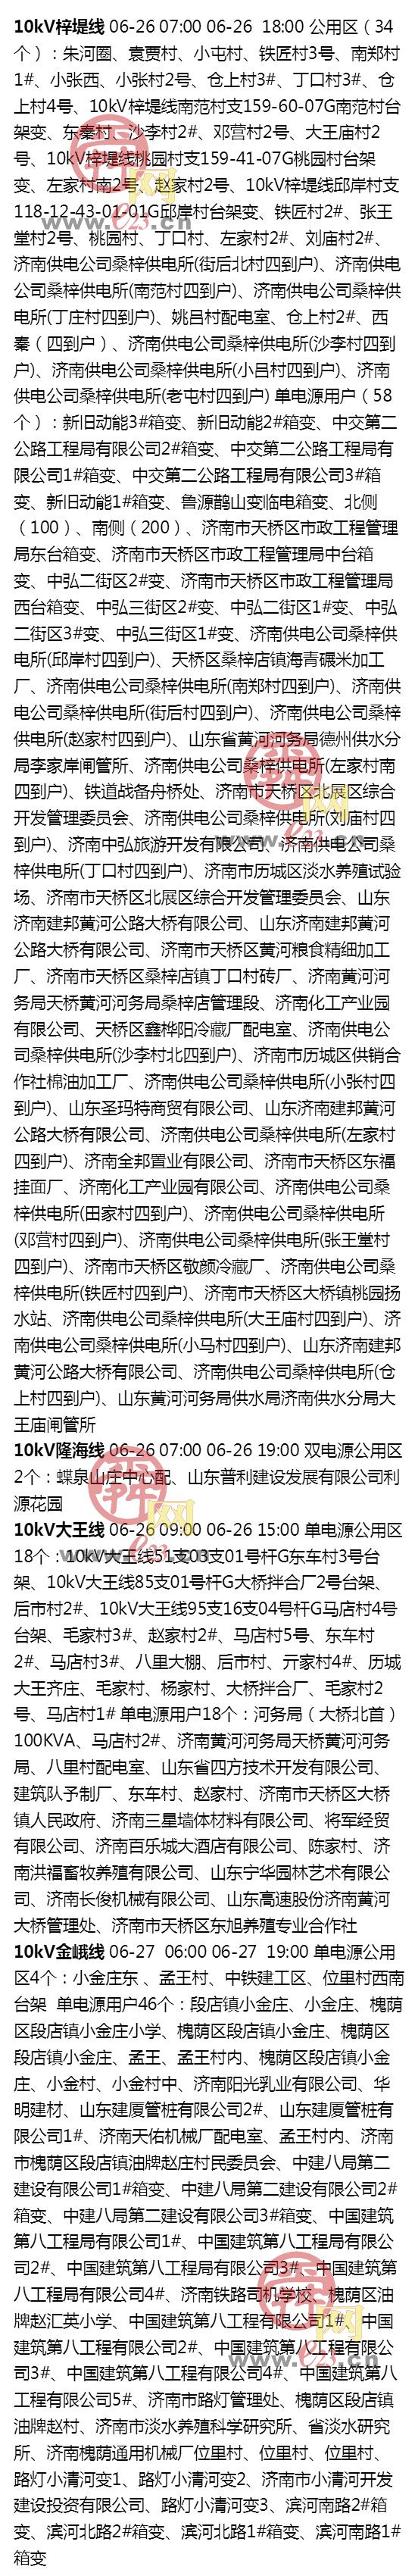 6月22日至6月28日濟南部分區域電力設備檢修通知